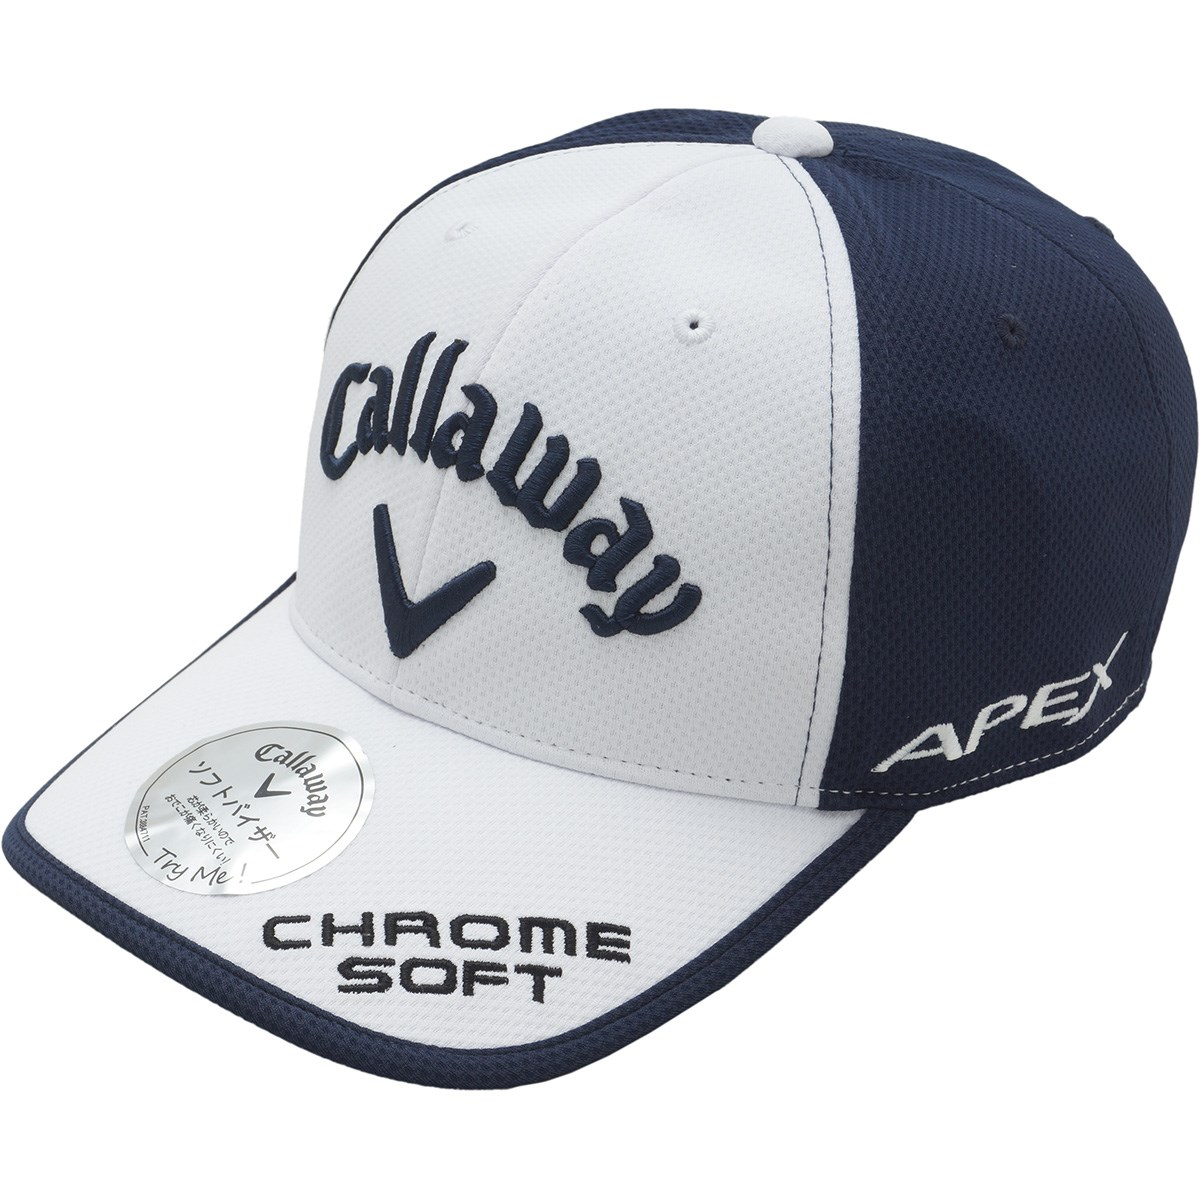 キャロウェイゴルフ Callaway Golf UVツアーキャップ JM フリー ホワイト/ネイビー 031